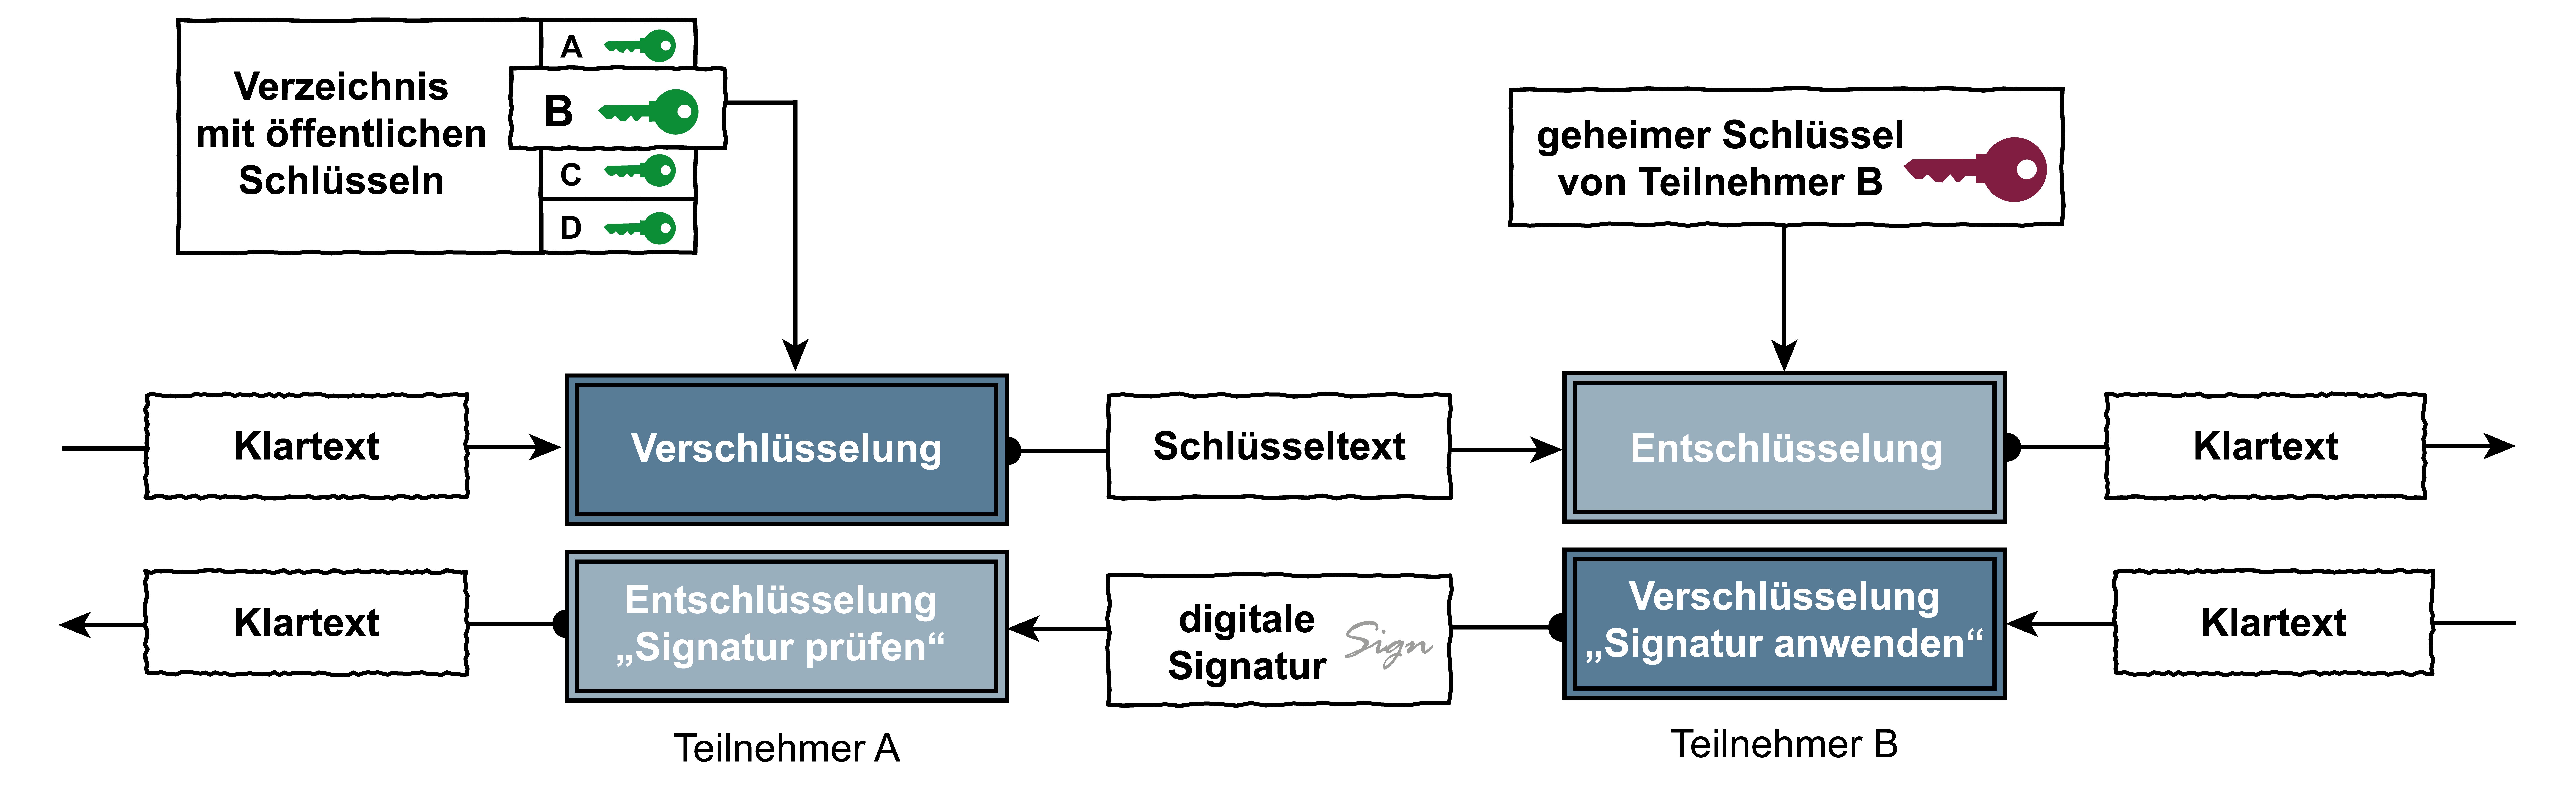 """Symbol für """"Asymmetrische Verschlüsselung"""" – Glossar Cyber-Sicherheit – Prof. Norbert Pohlmann"""